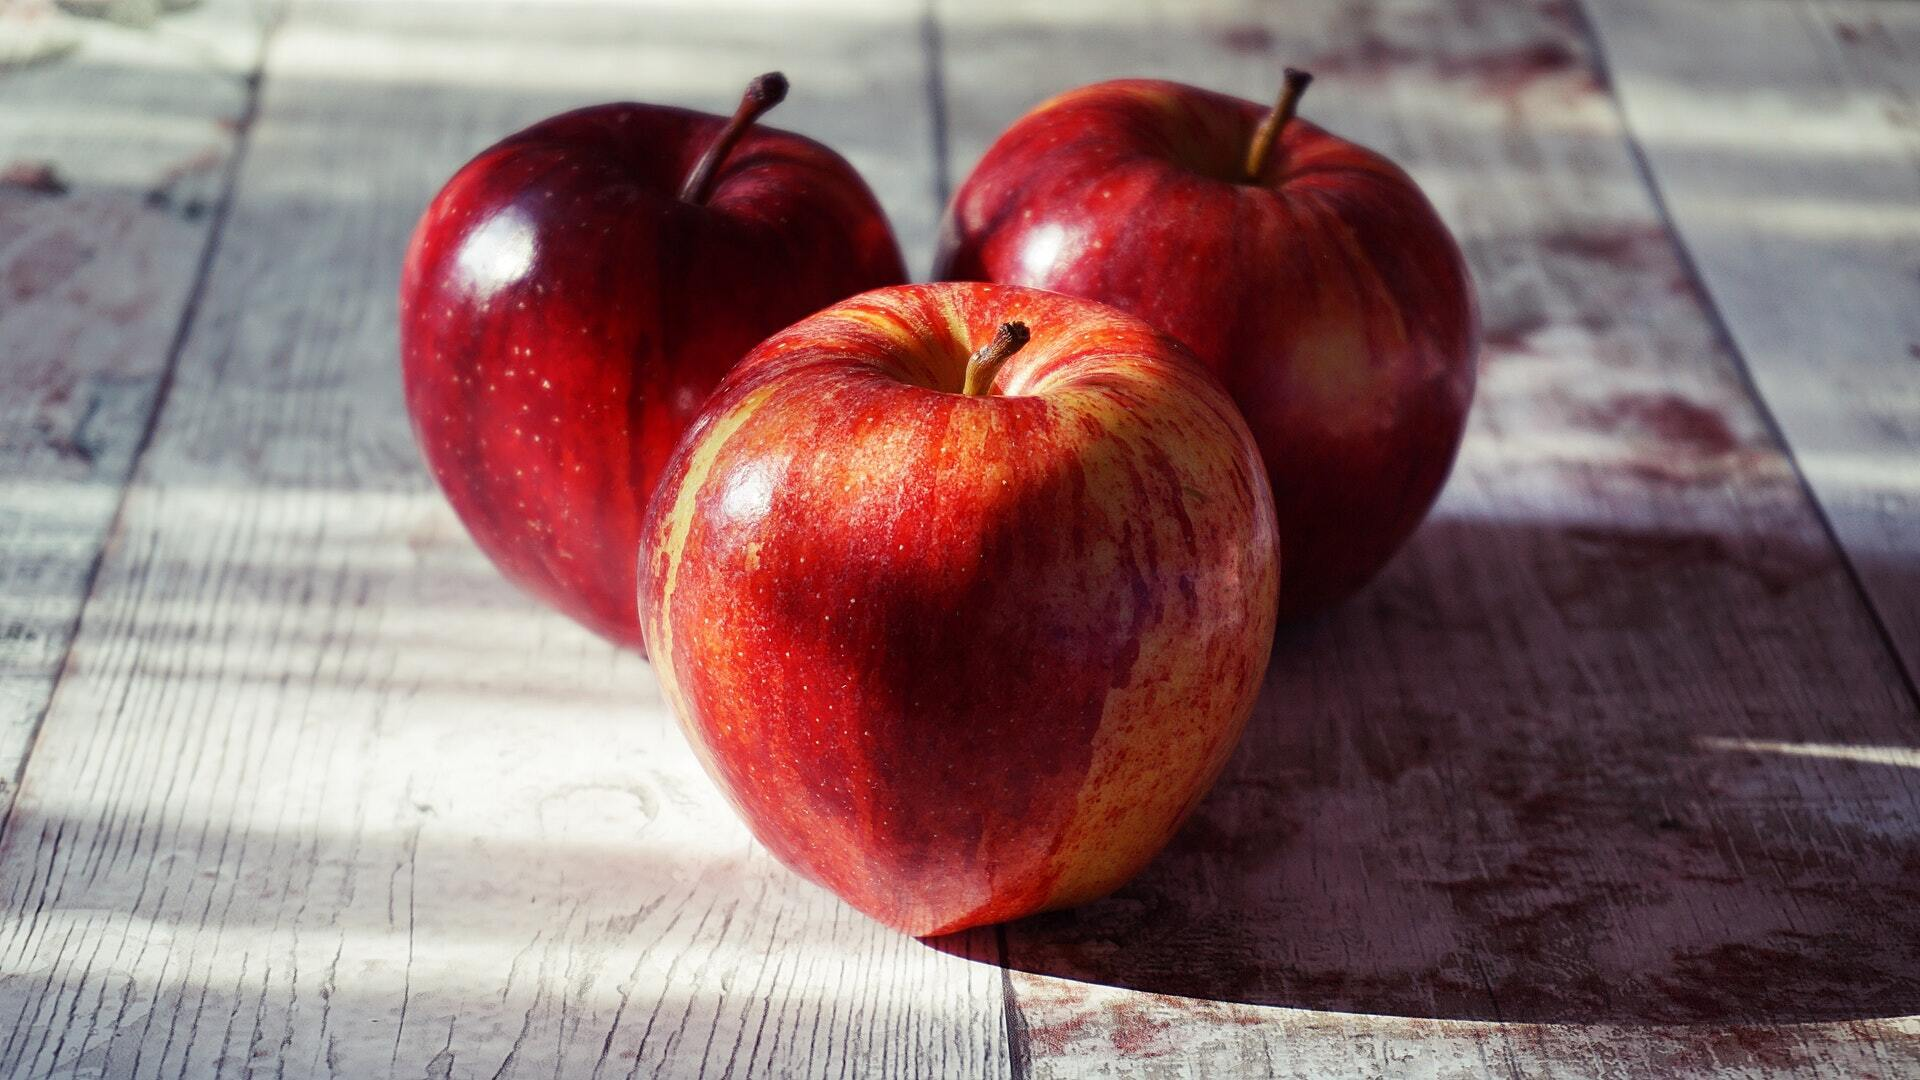 Для повидла нужно выбирать хорошие яблоки